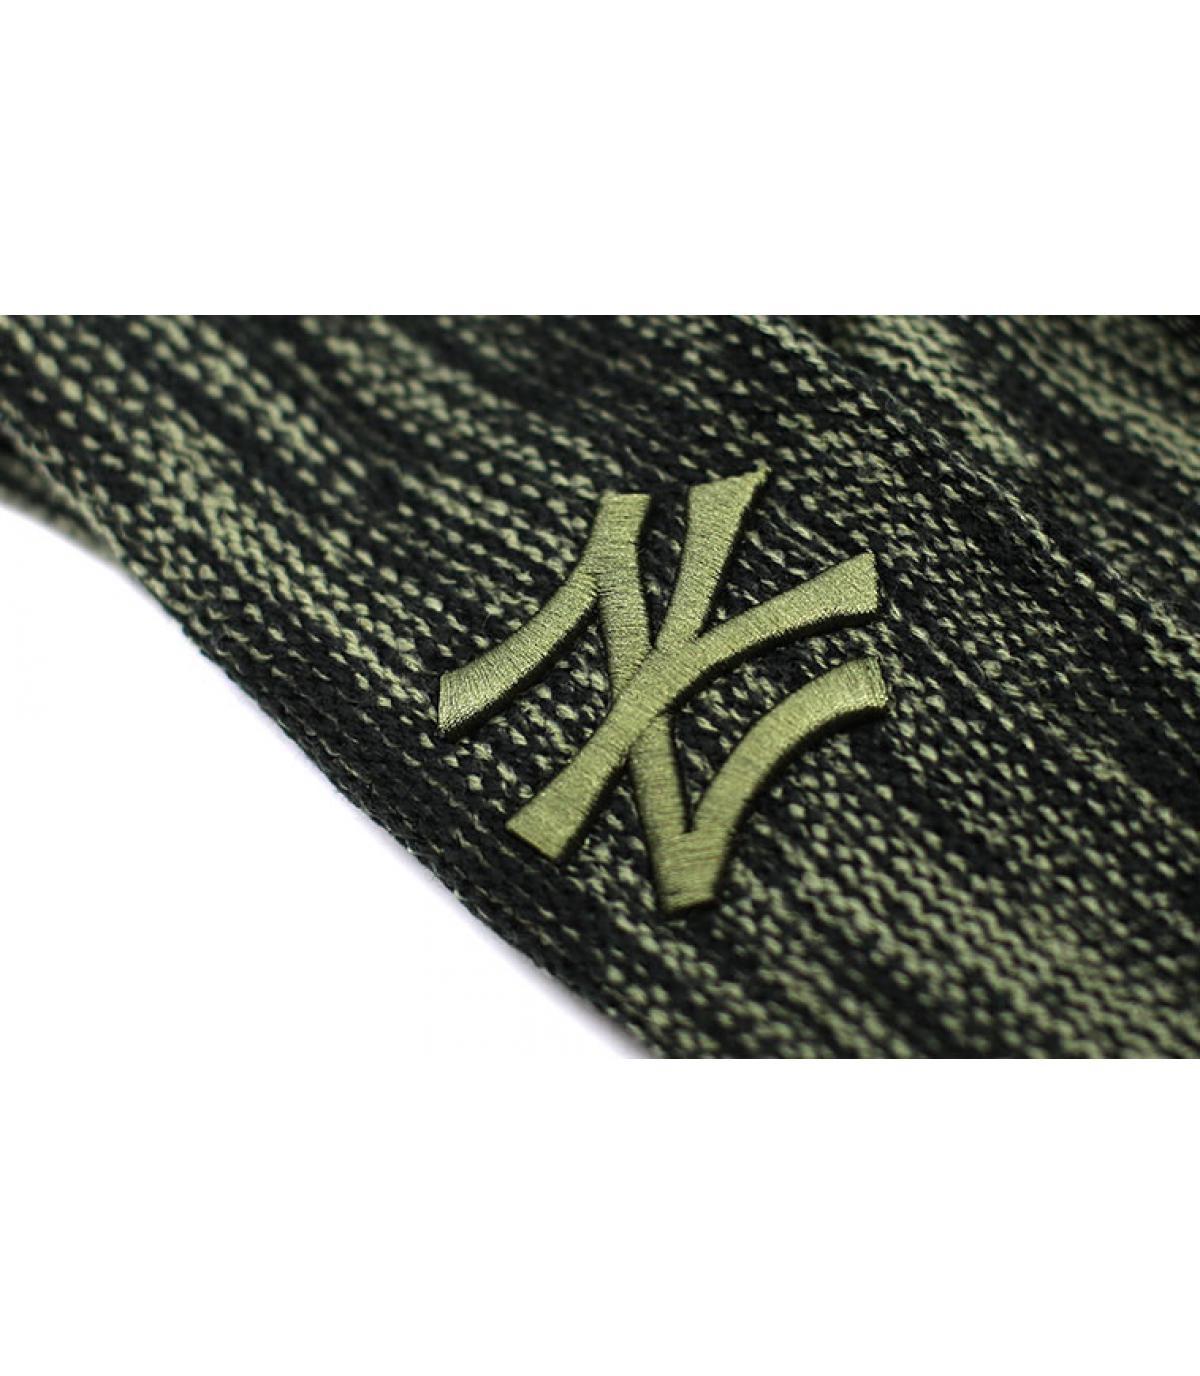 Details NY Marl Knit black Olive - afbeeling 3